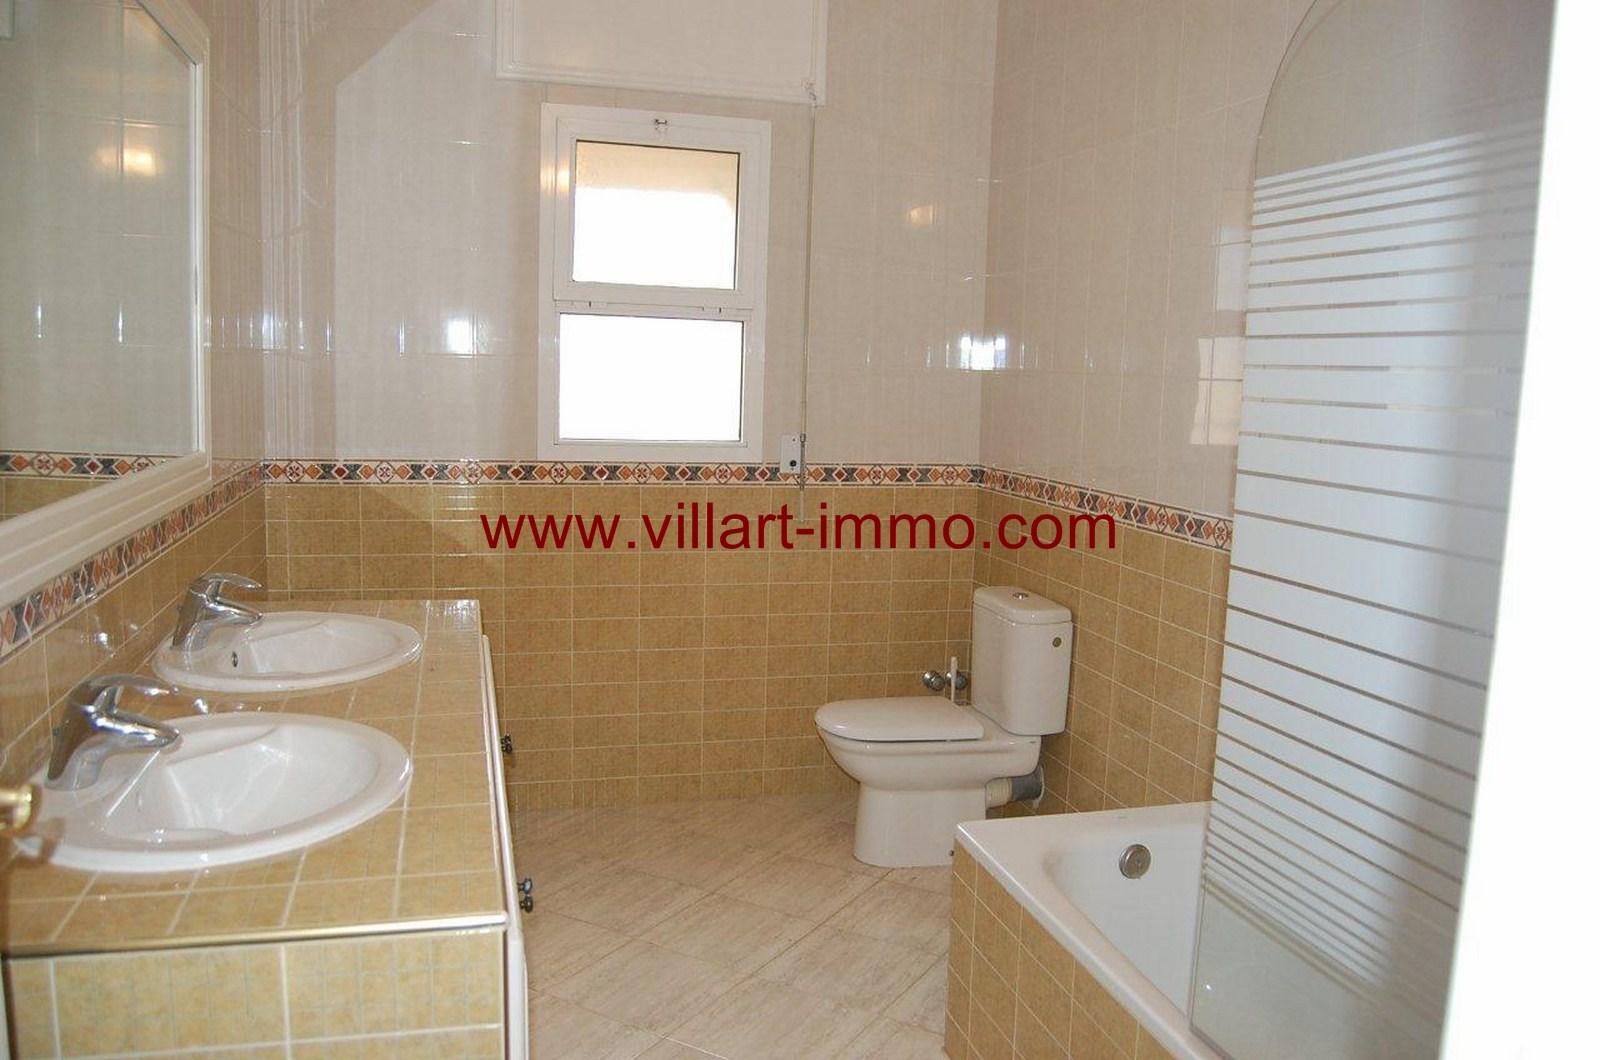 12-location-villa-non-meublee-malabata-tanger-salle-de-bain-1-lv902-villart-immo